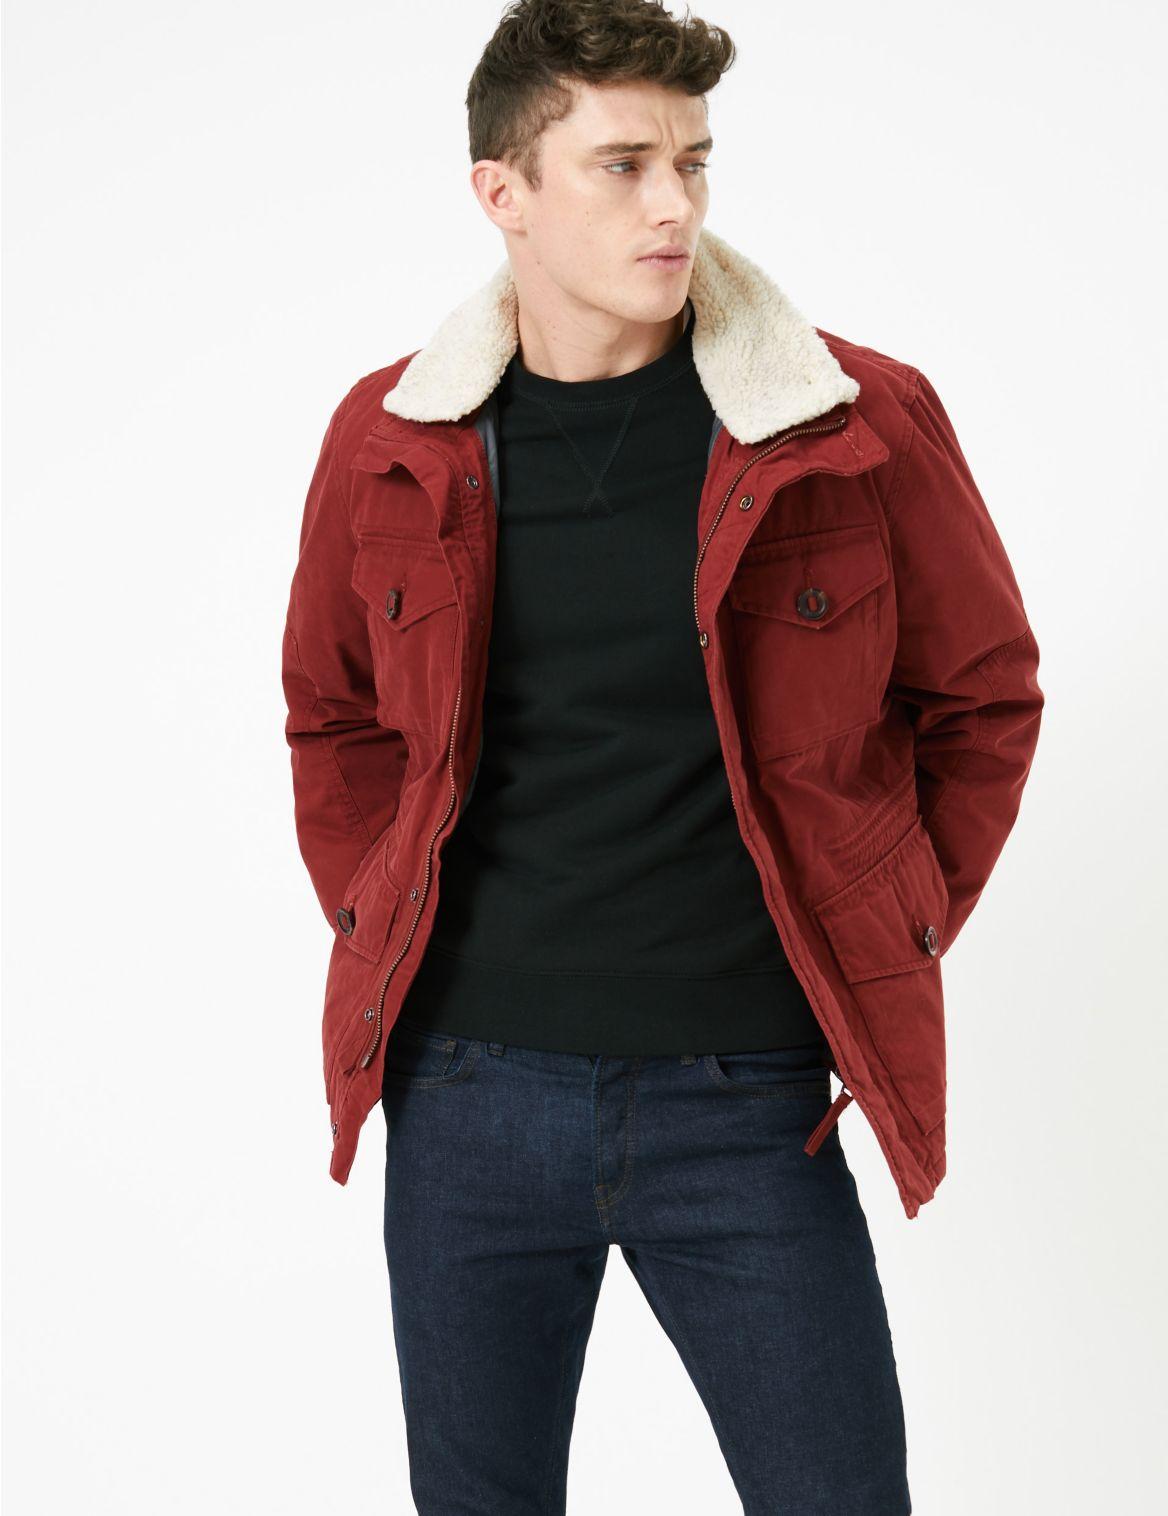 Veste en coton avec doublure imitation peau de mouton. Veste en coton avec doublure imitation peau de mouton